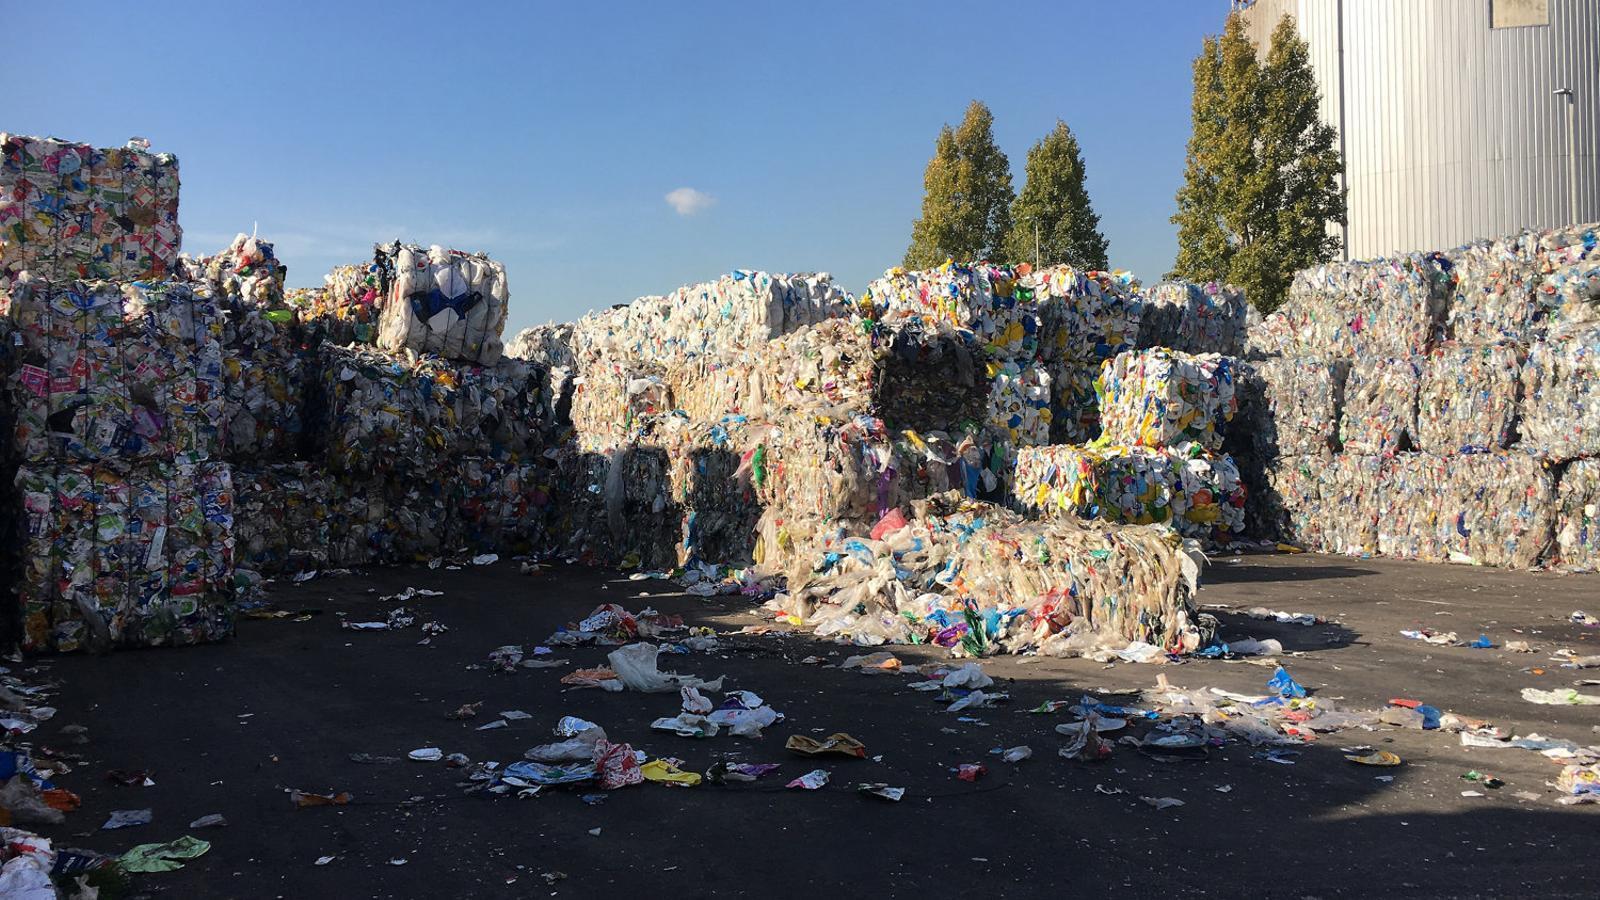 A Catalunya, la proposta d'envasos retornables genera discòrdia